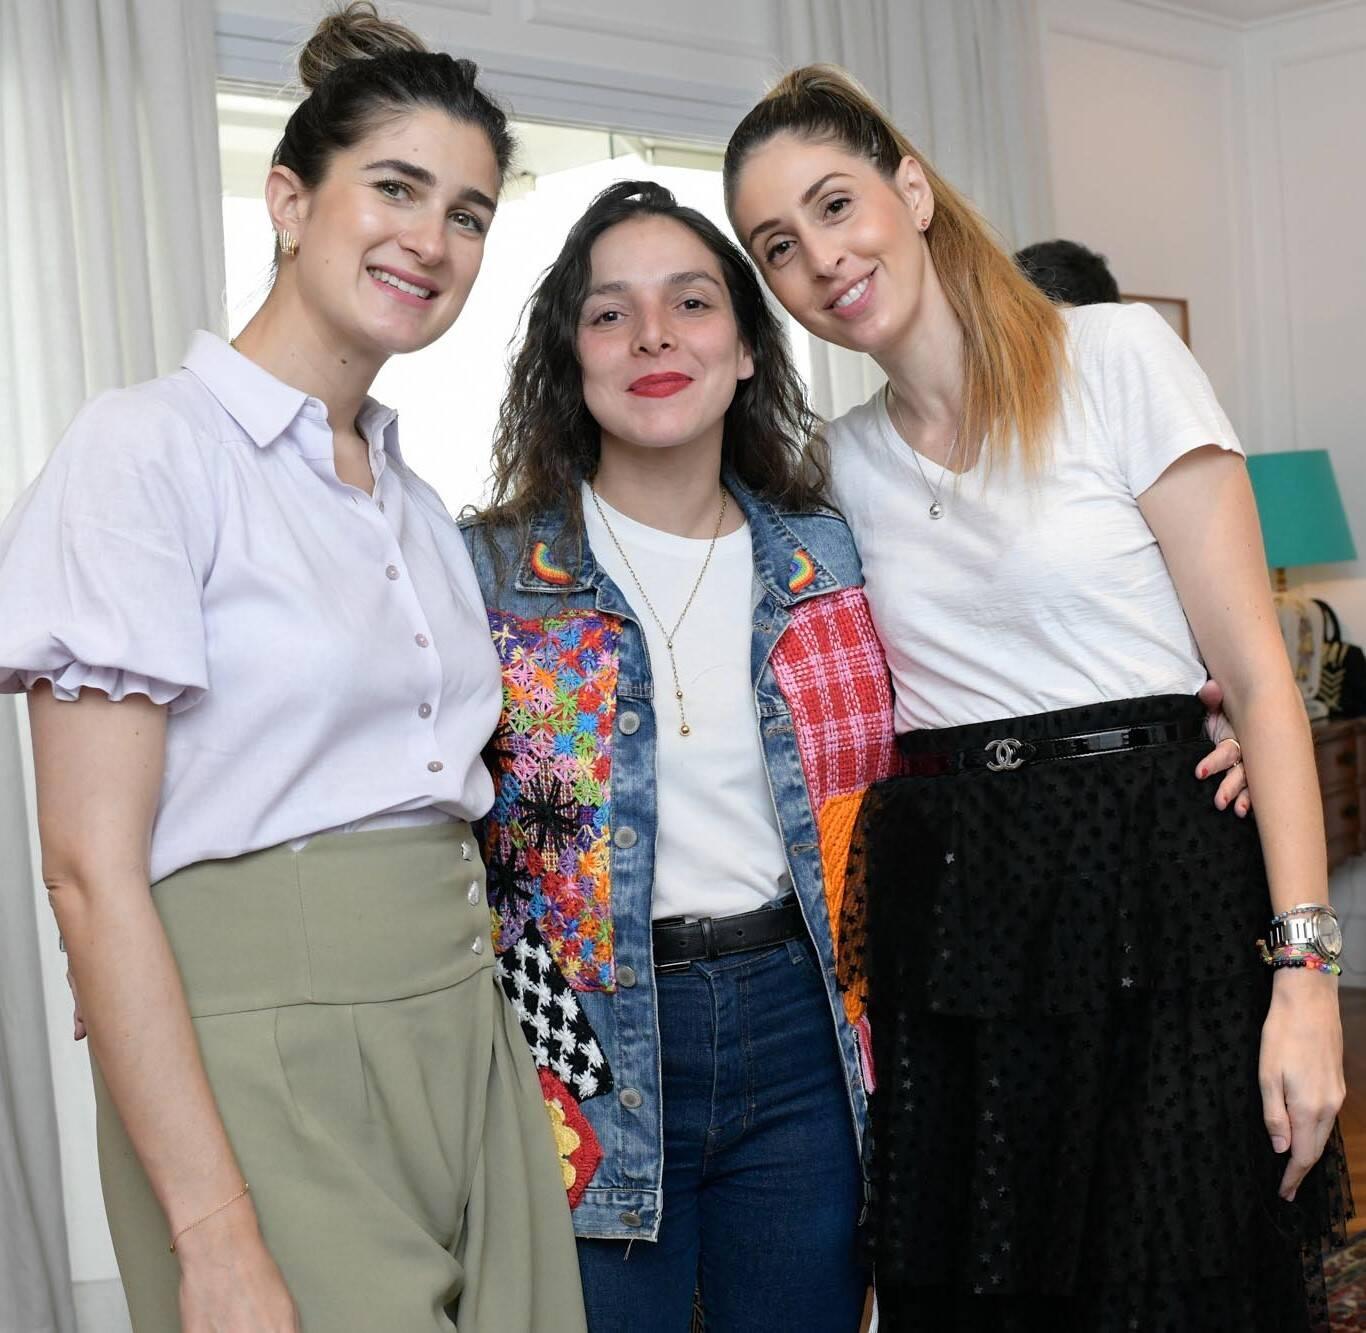 Barbara Migliori, Yasmine Sterea e Paula Merlo/Foto: Lu Prezia